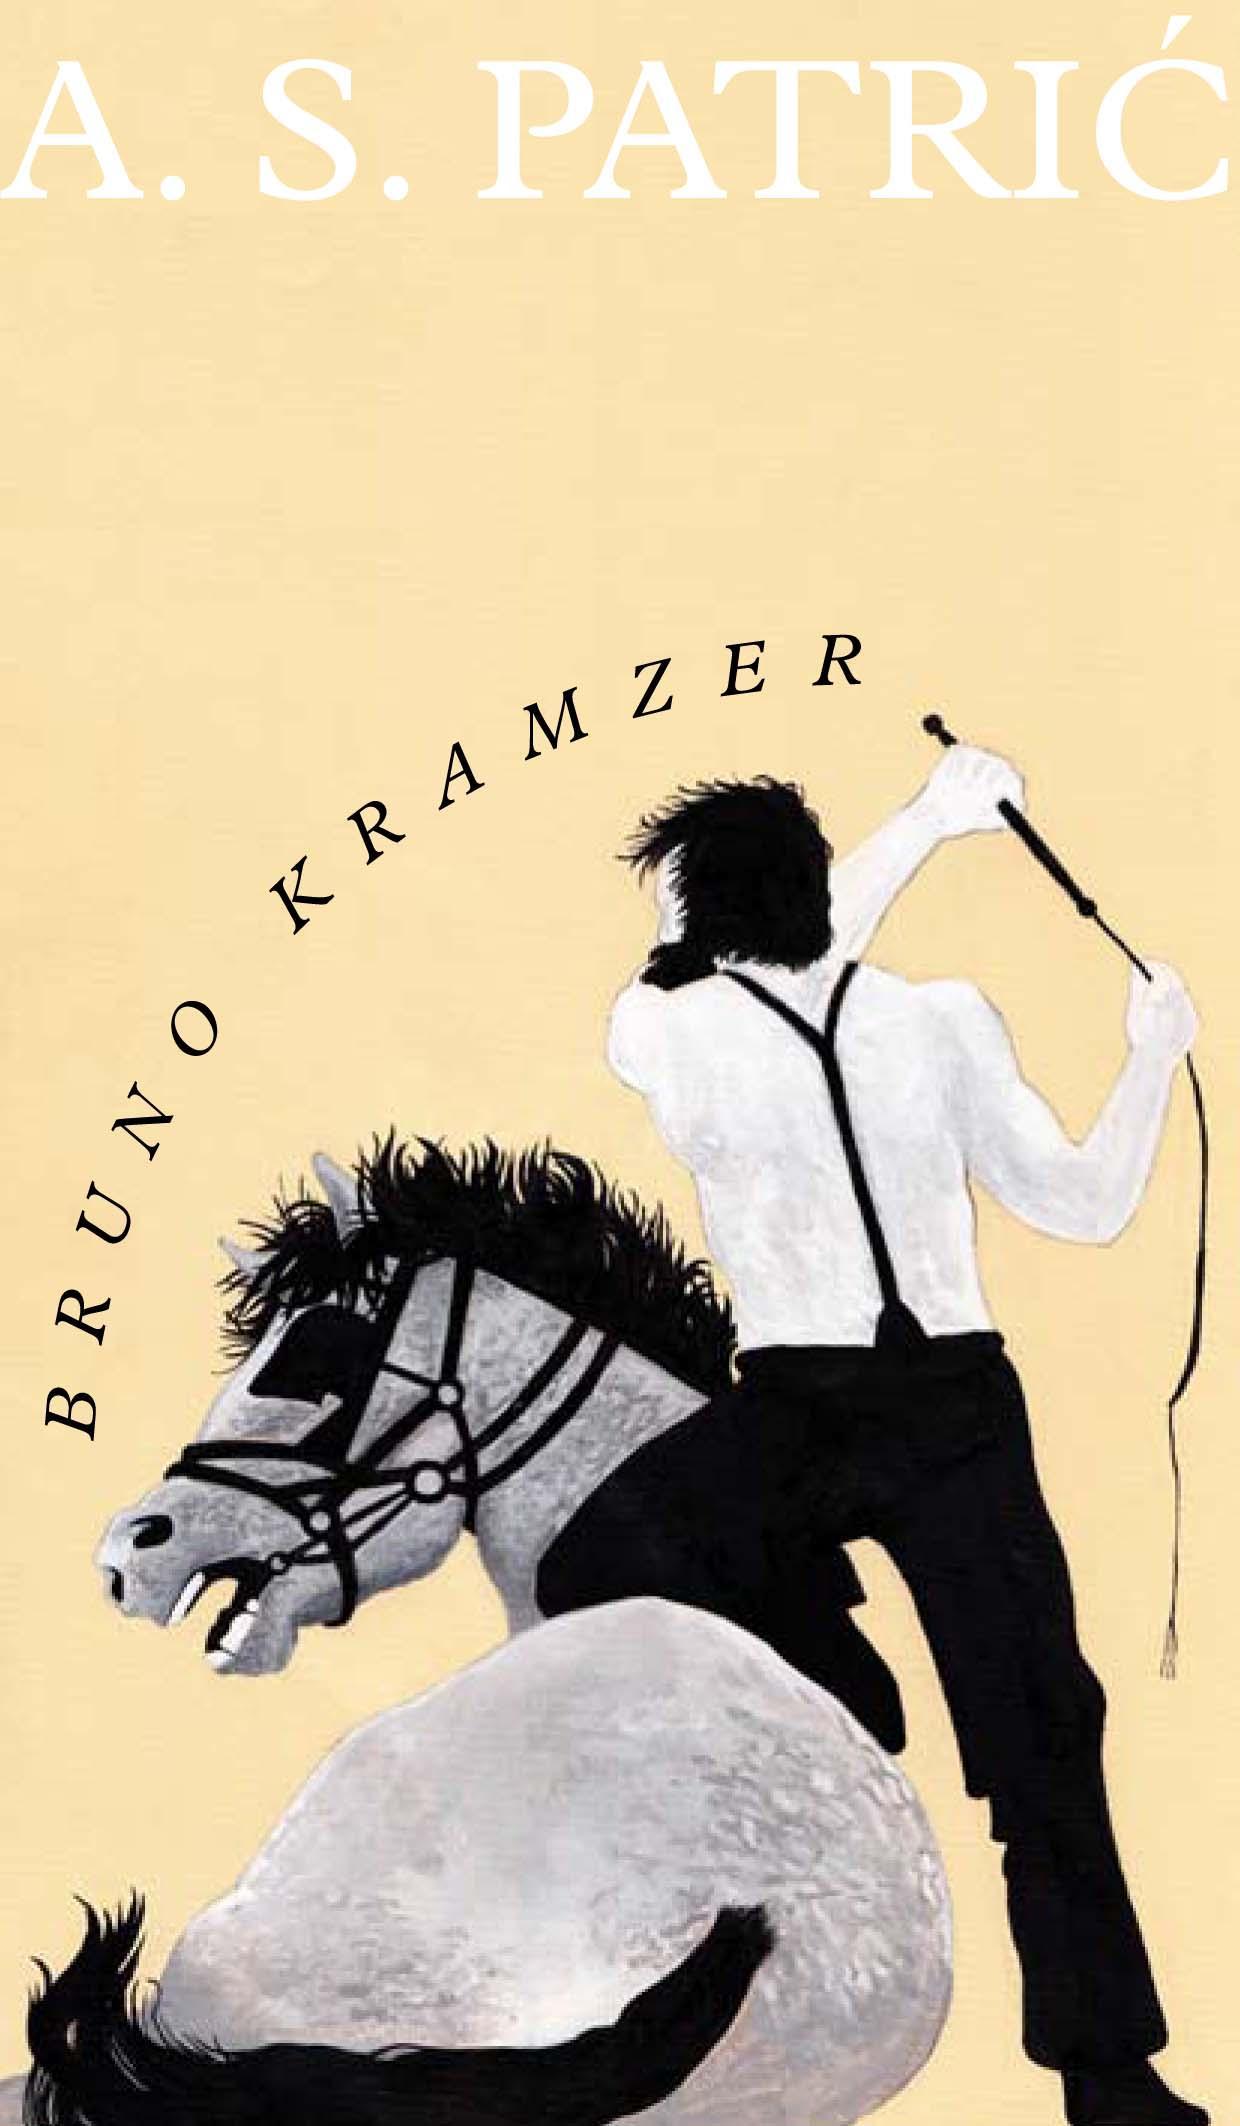 BrunoKramzer